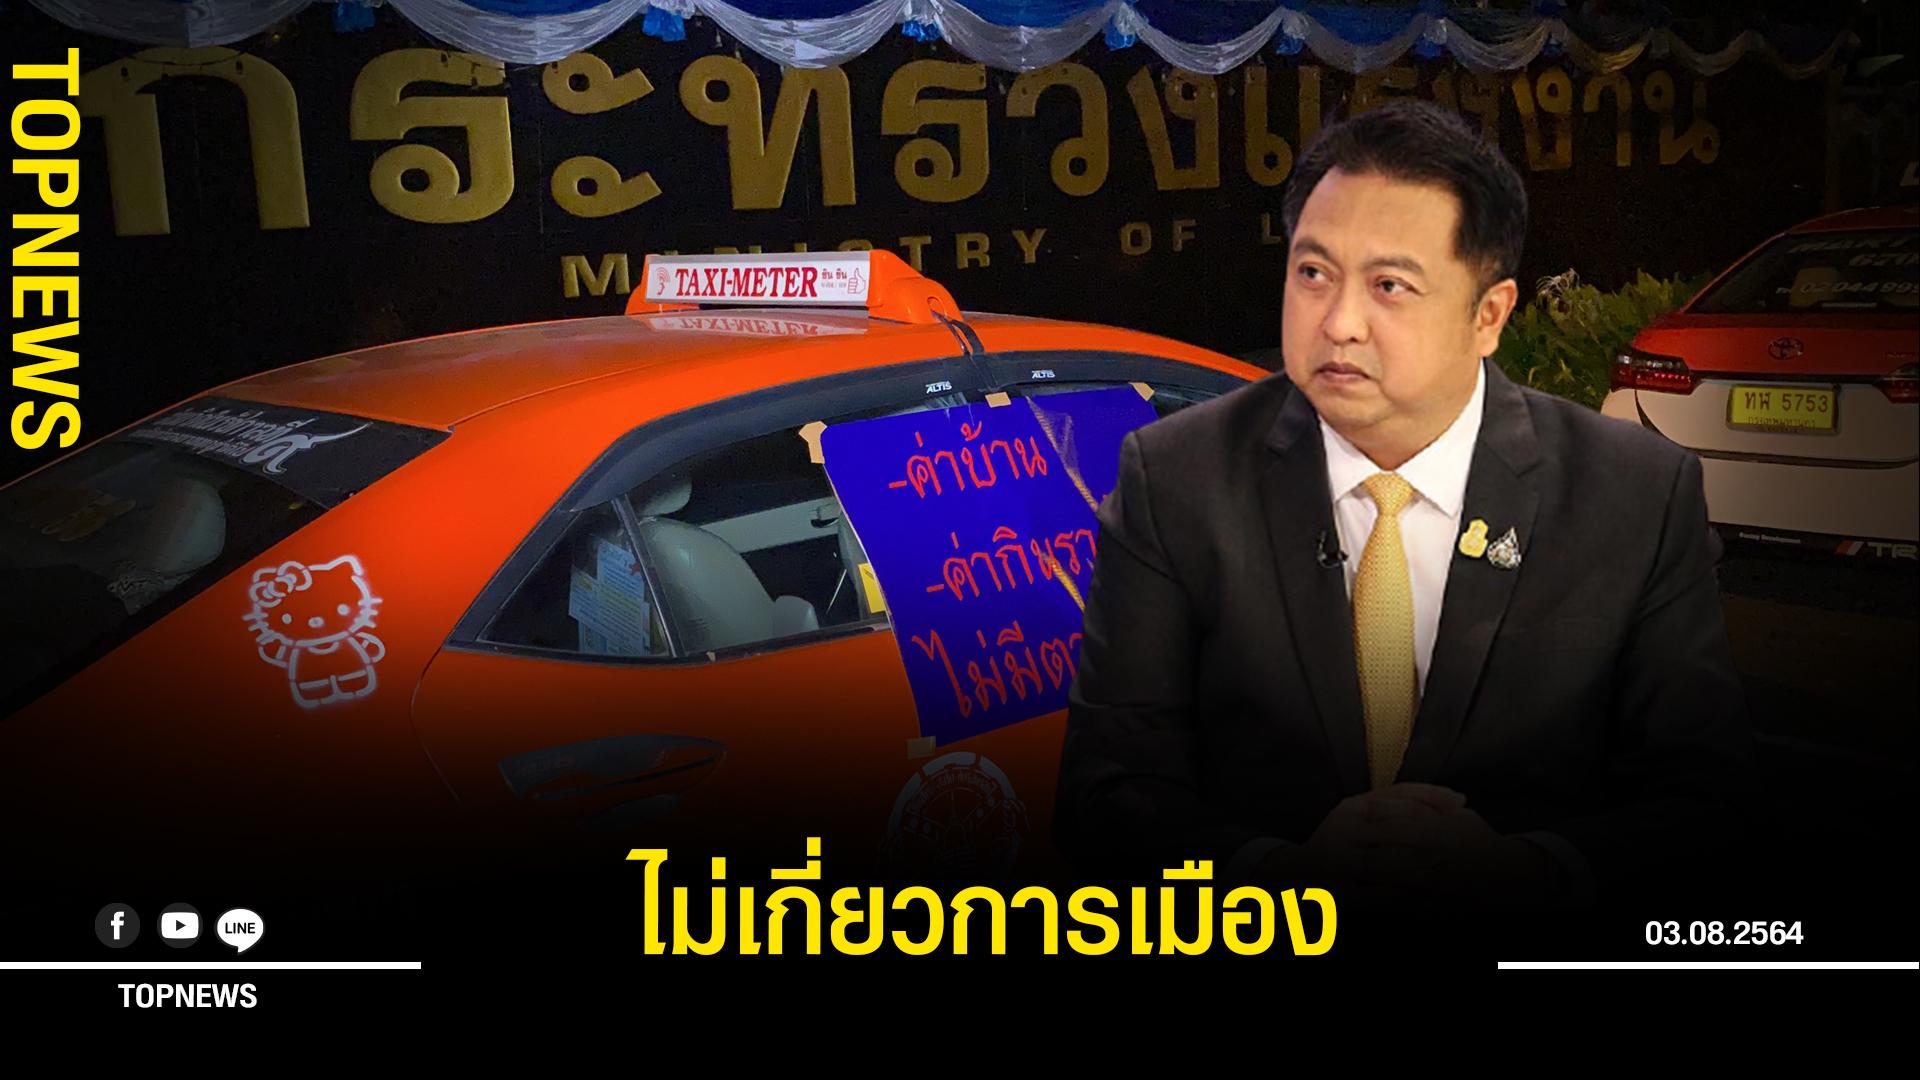 รมว.แรงงาน ชี้แจง ขบวนแท็กซี่ มาขอความช่วยเหลือเยียวยา ไม่เอี่ยวการเมือง